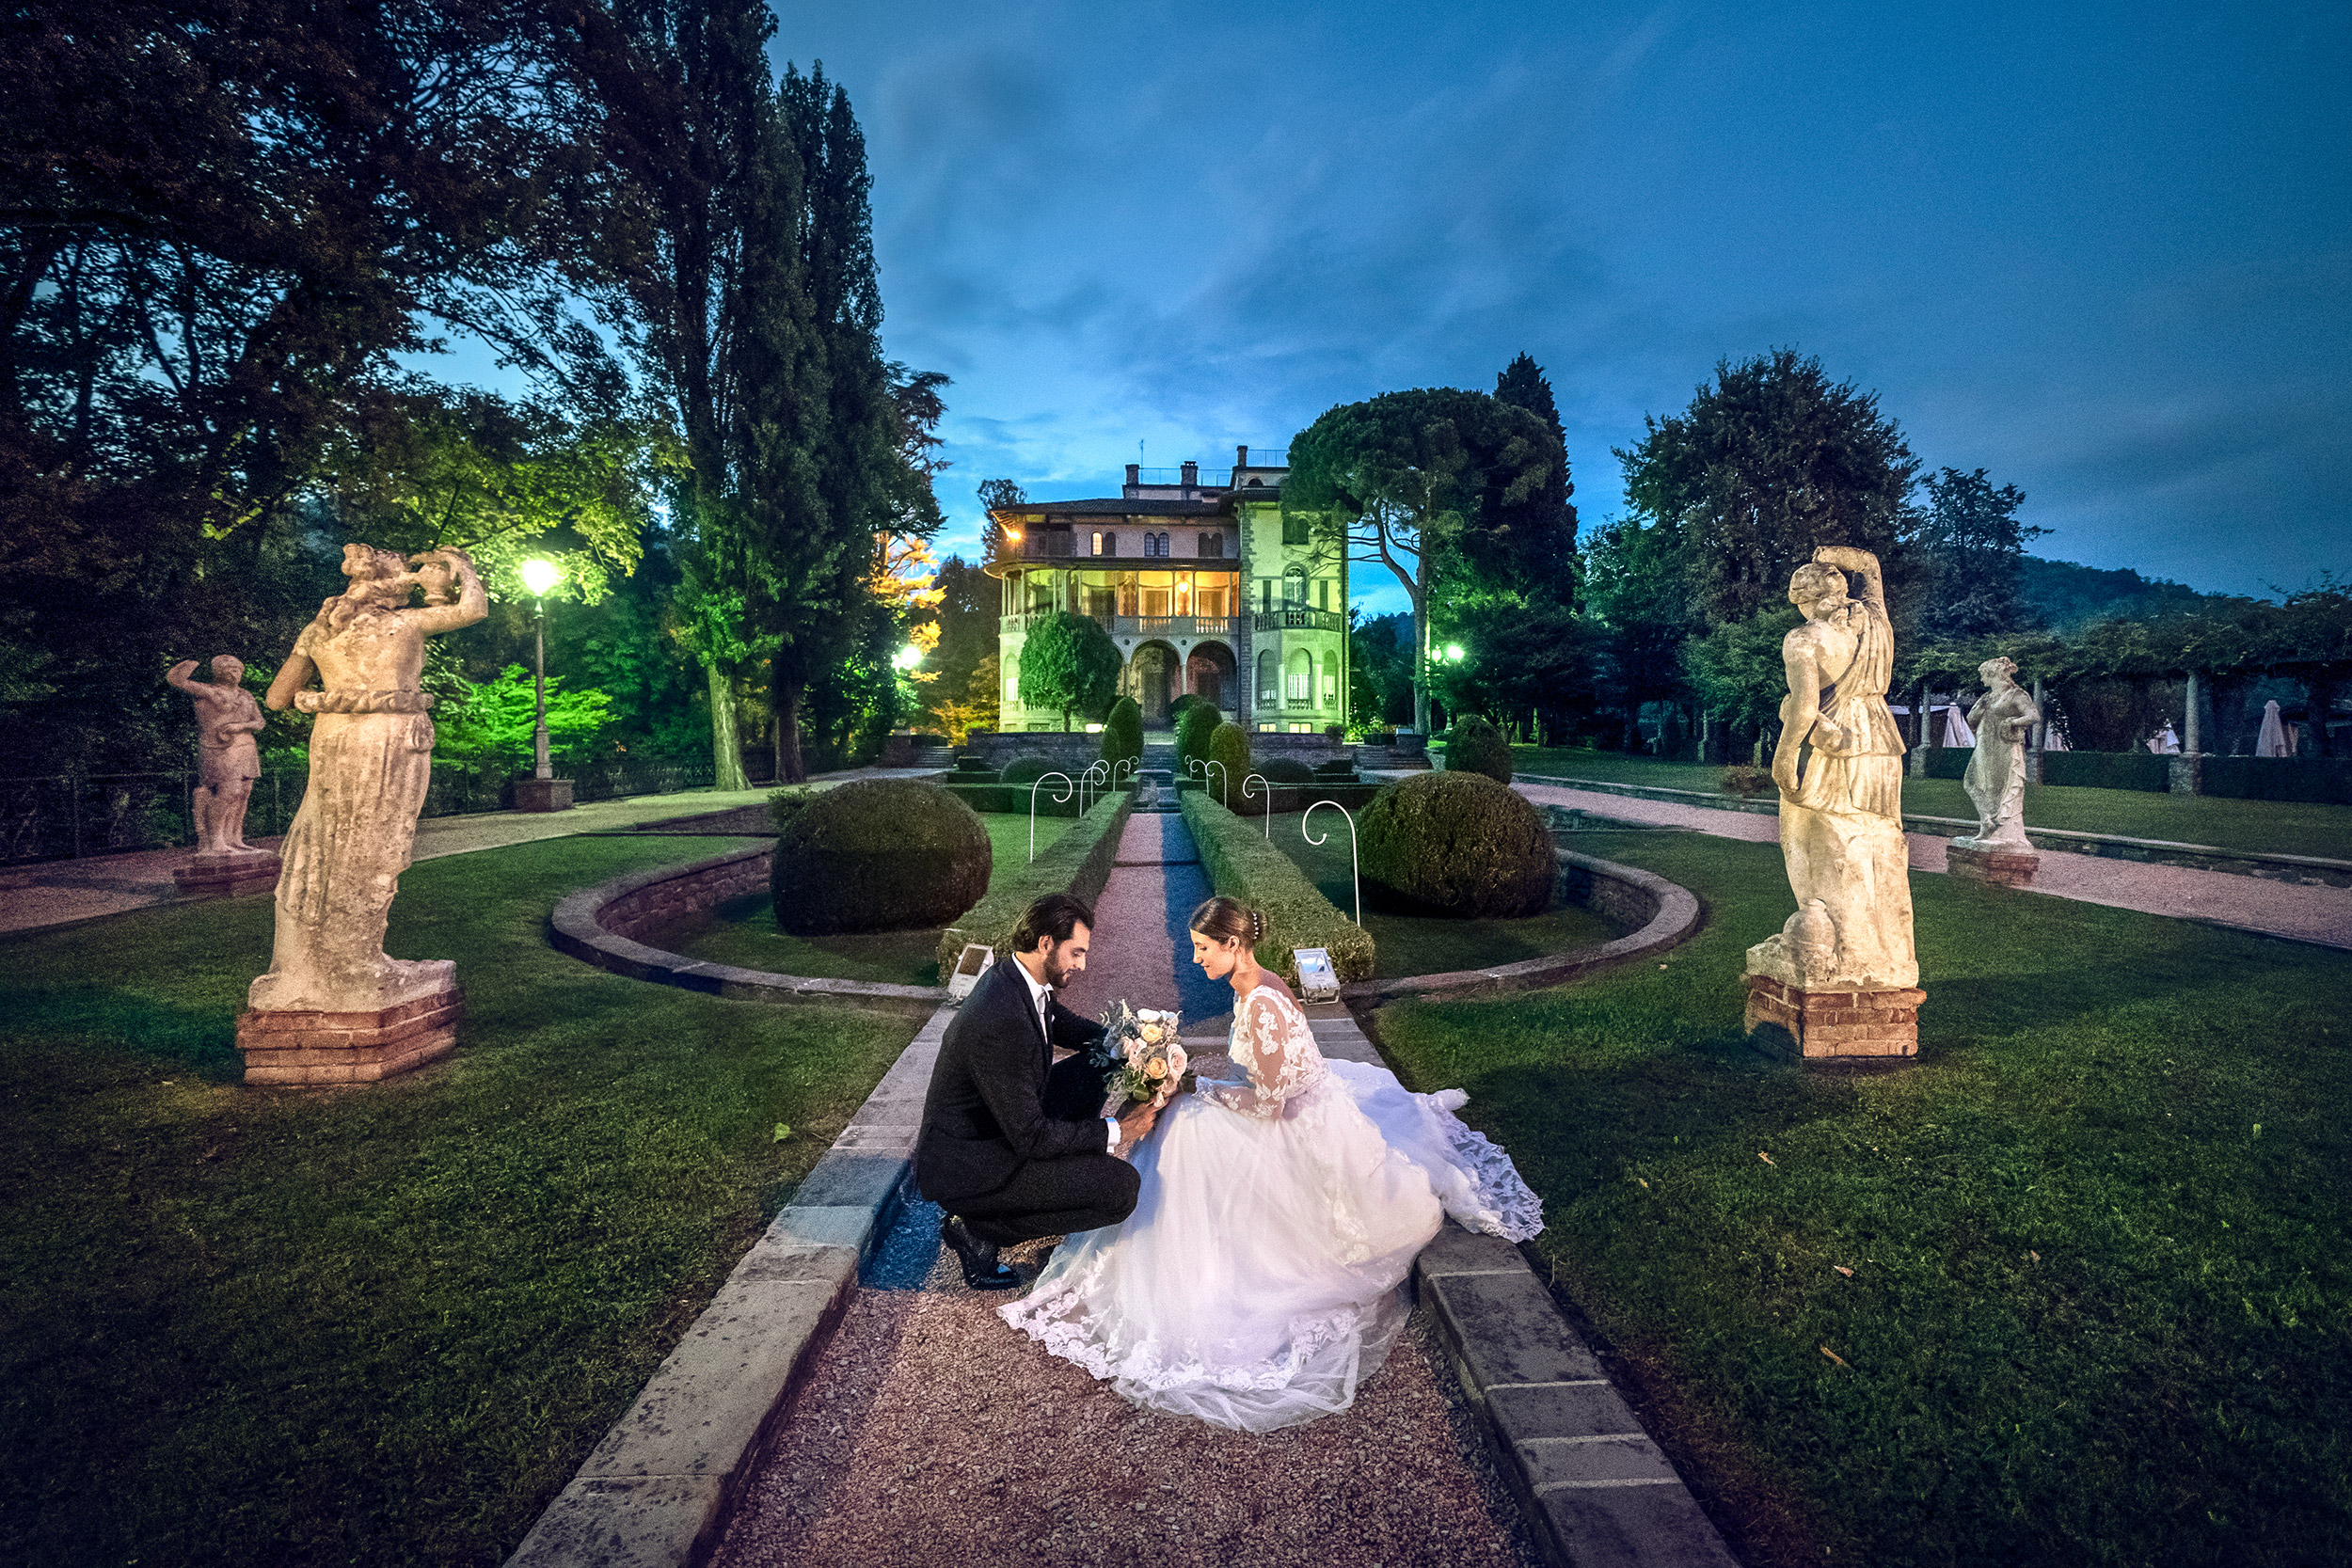 000 reportage wedding sposi foto matrimonio villa martinelli bergamo 1